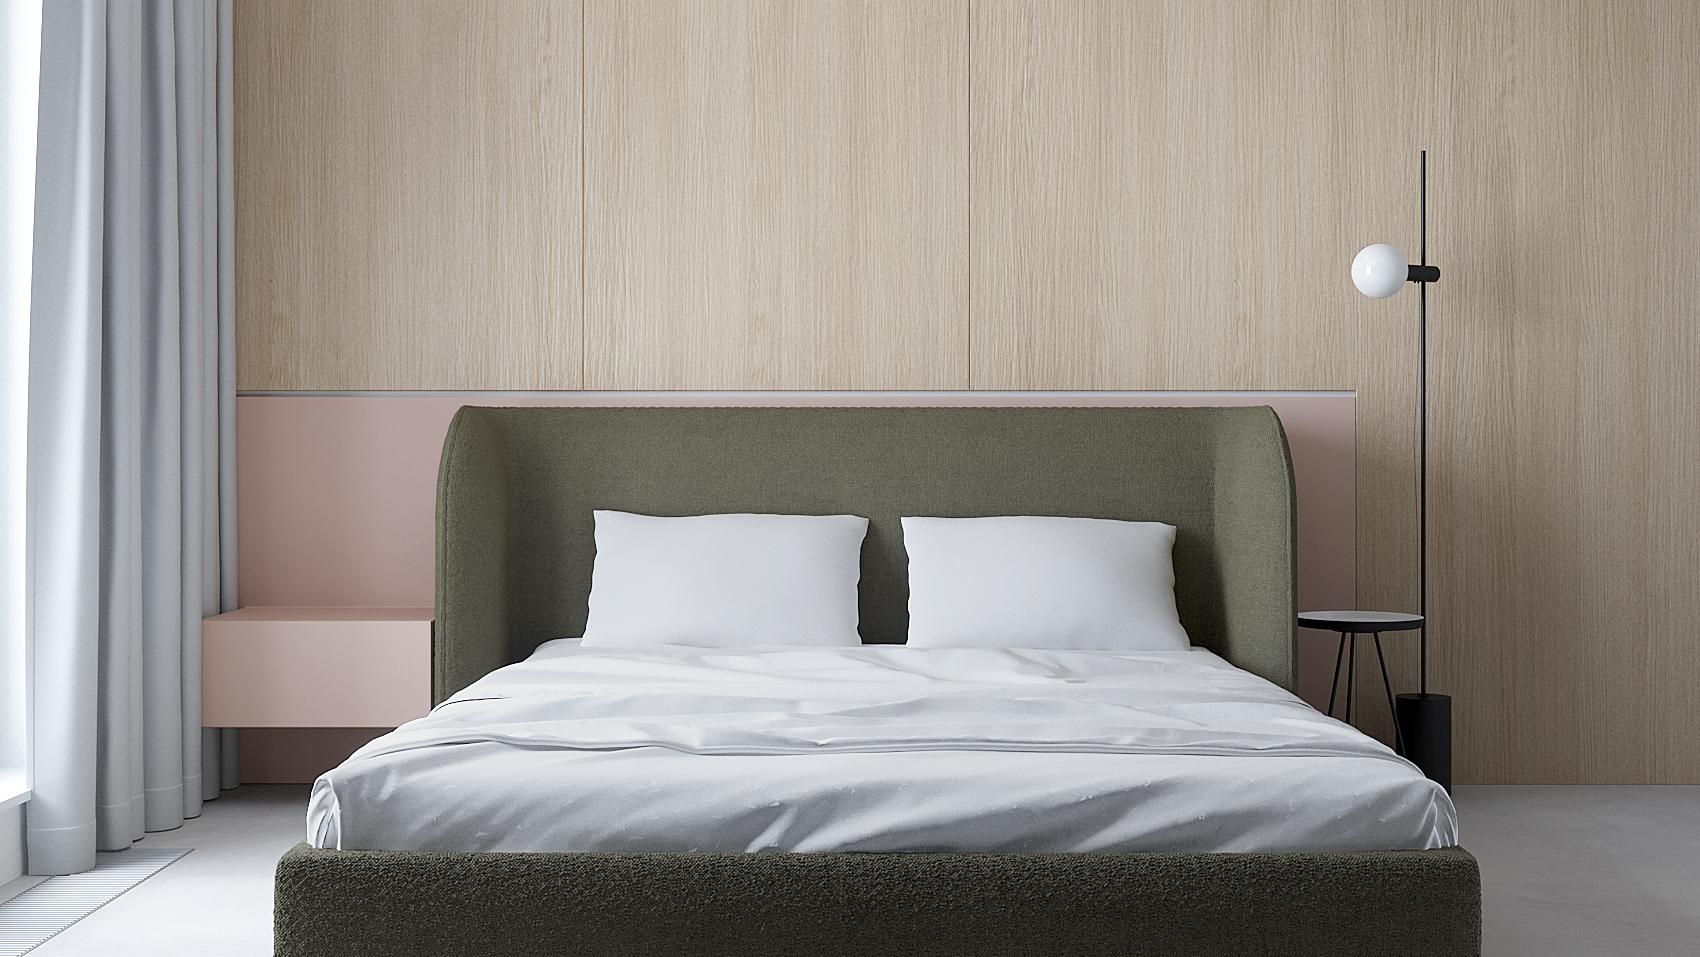 10 projket wnetrza M558 sypialnia tapicerowane lozko betonowa posadzka drewno na scianie